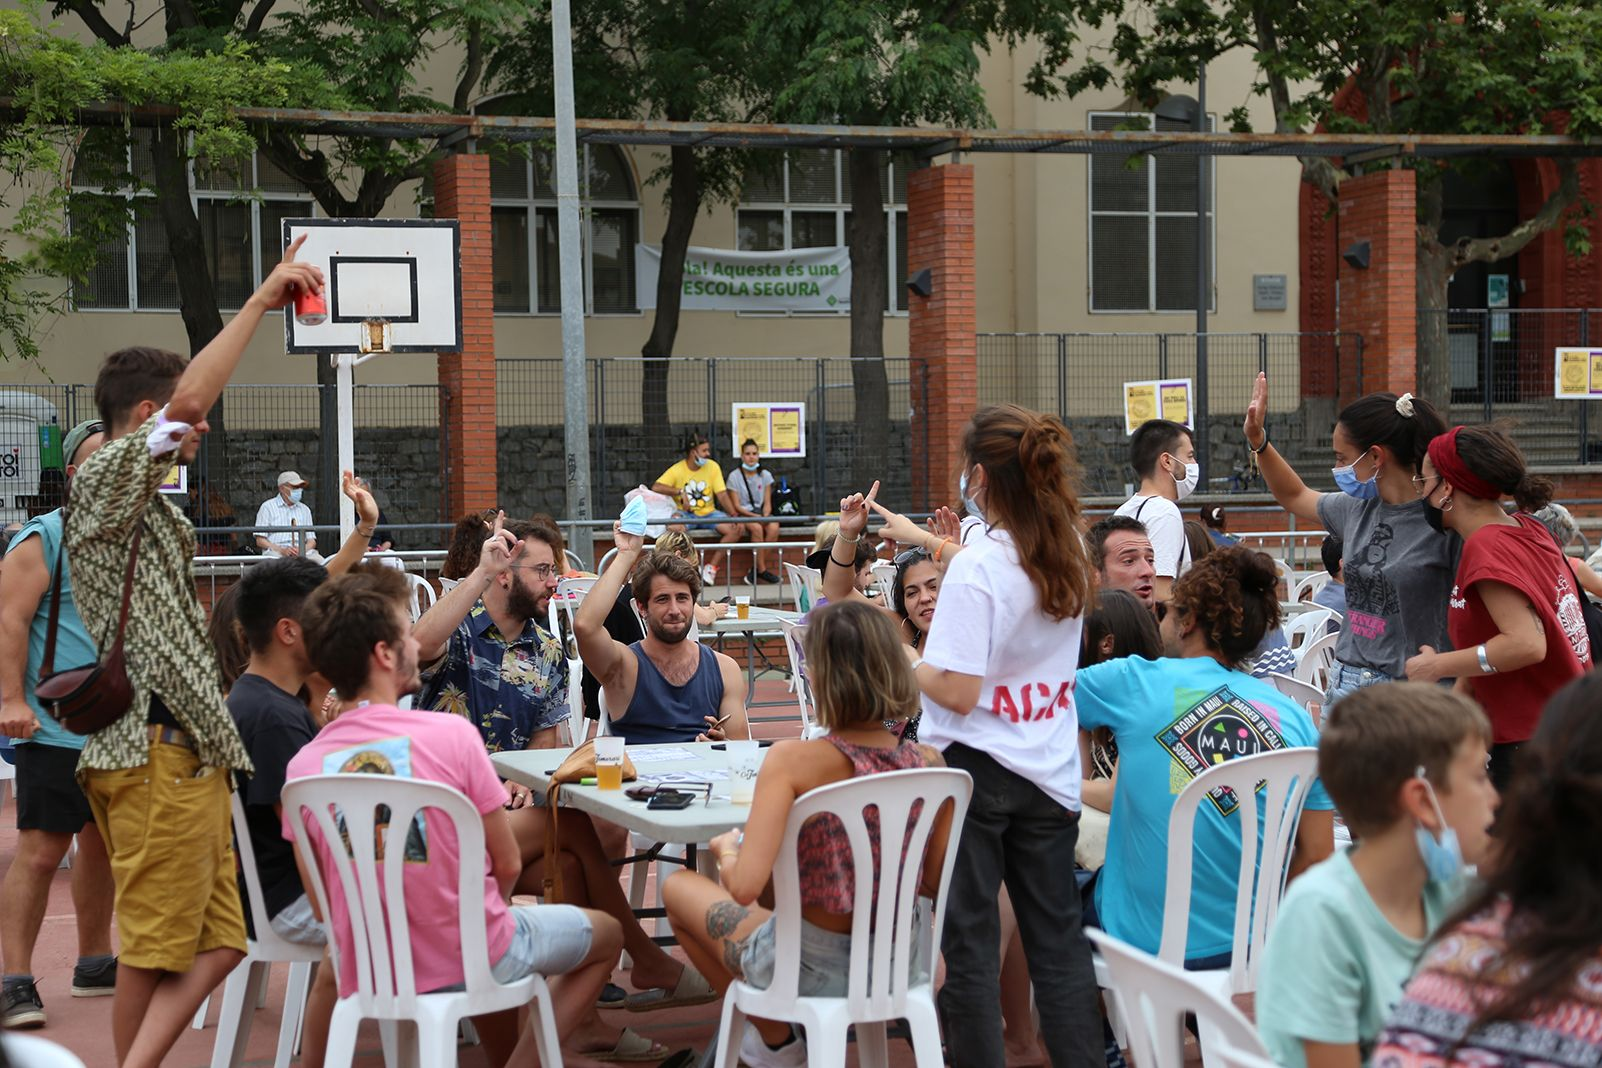 Monòlegs a la Festa Major Alternativa. Foto: Anna Bassa